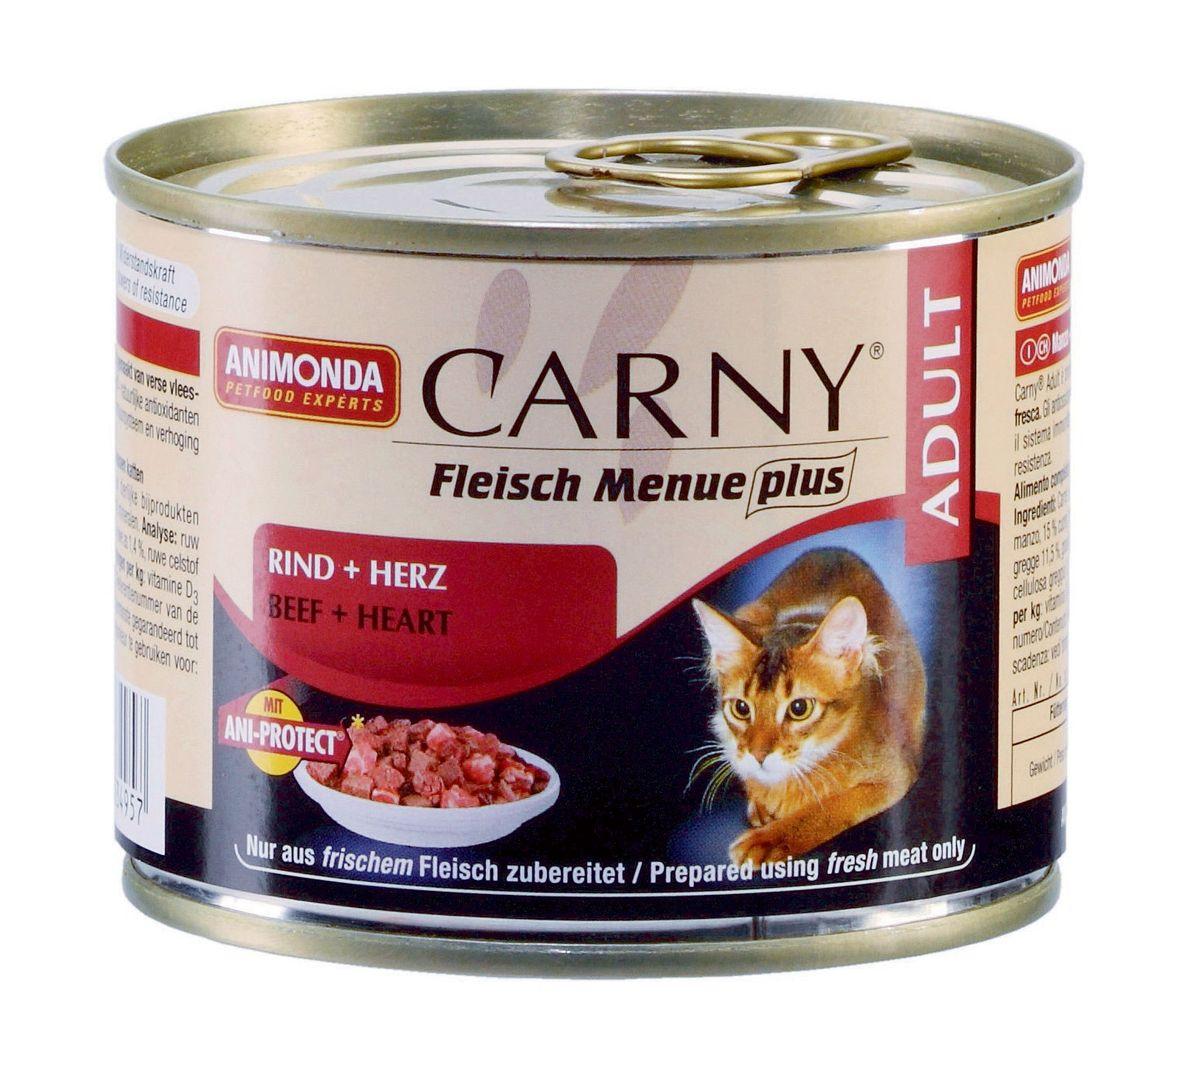 Консервы Animonda Carny для взрослых кошек, с говядиной и сердцем, 200 г47147Кошки большие любители мяса и не обманывают себя, когда речь идет о качестве. Свежие, нежные, сочные и вкусные консервы не требуют никаких дополнительных добавок или вспомогательных средств для улучшения внешнего вида и вкуса. Гарантировано отсутствие в составе продукта сои, искусственных красителей, консервантов и генетически модифицированного сырья. Корм имеет естественный, подлинный и типичный вкус мяса. Все ингредиенты, используемые при производстве, объявлены полностью открытыми и соответствуют описанию. Консервы Animonda Carny подвергаются дополнительной обработке для придания волокнам мяса более мягкой структуры. Специально разработан для удовлетворения потребностей кошек старше 7 лет. Состав: говядина 53% (говядина, печень, легкие, почки, вымя), бульон 31%, сердце 15%, карбонат кальция. Анализ: белок 11,5%, жир 5%, клетчатка 0,3%, зола 1,4%, влажность 79%. Добавки (на 1 кг продукта): витамин D3 250 МЕ, витамин Е (a-токоферол) 30...